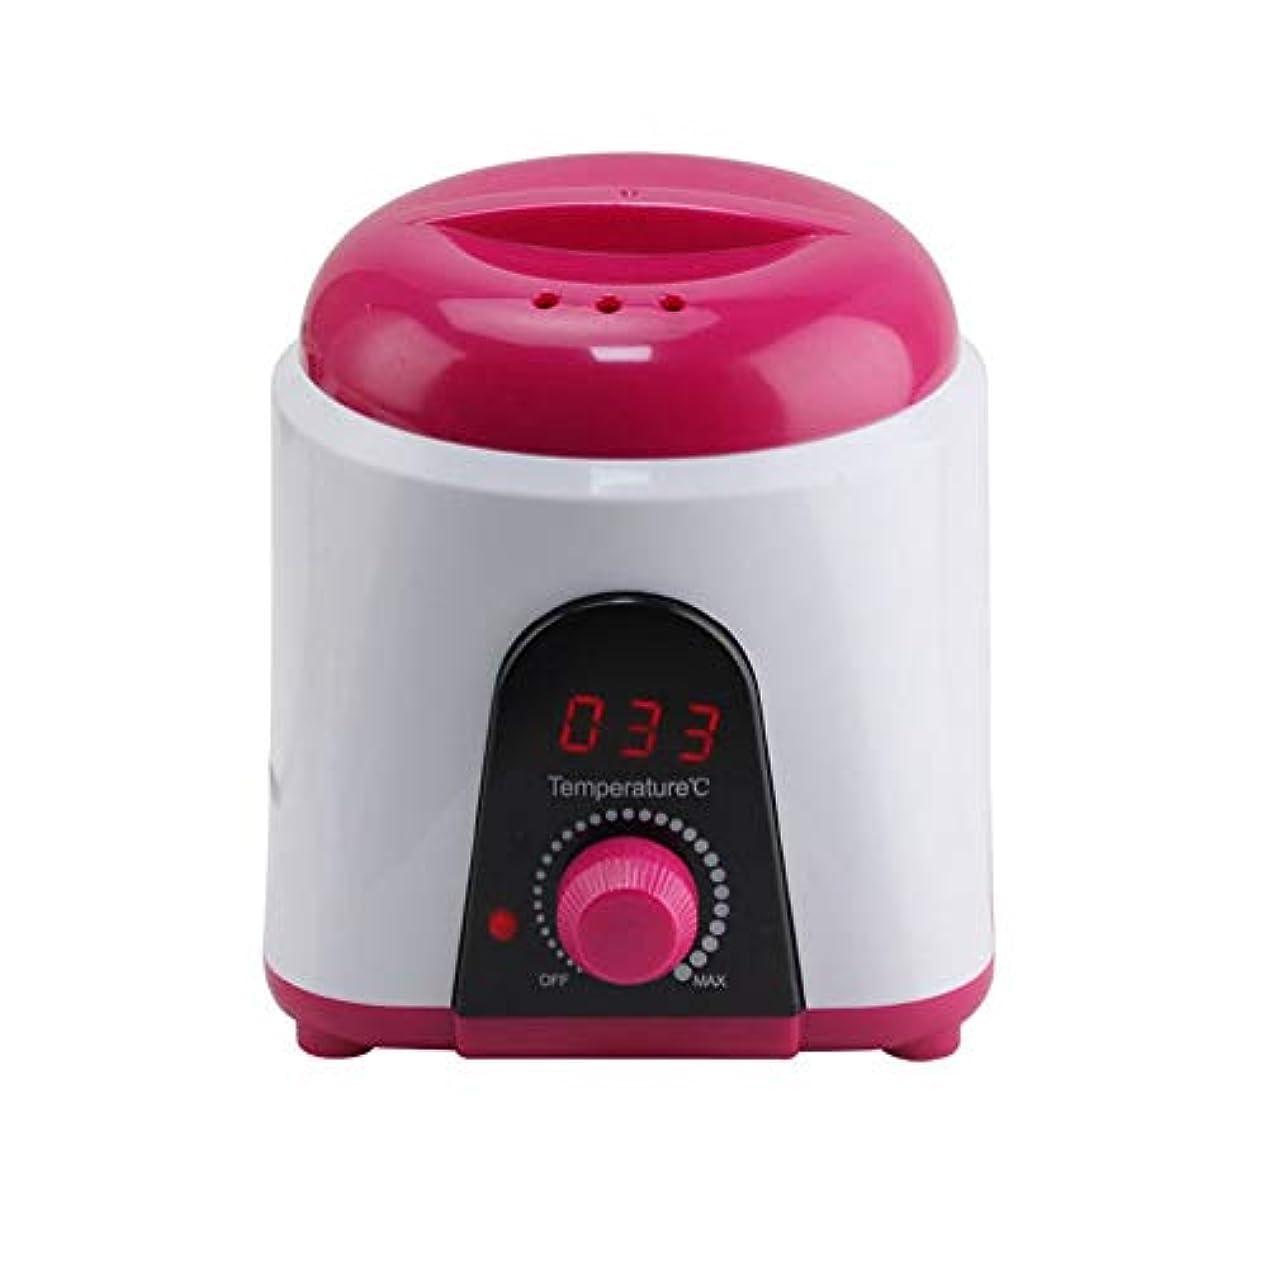 飽和するドリンク協力調節可能な温度のワックスマシン、女性および男性500CCのための多機能の家のワックスが付いている毛の取り外しのための専門の電気ワックスのウォーマーのヒーターのメルター